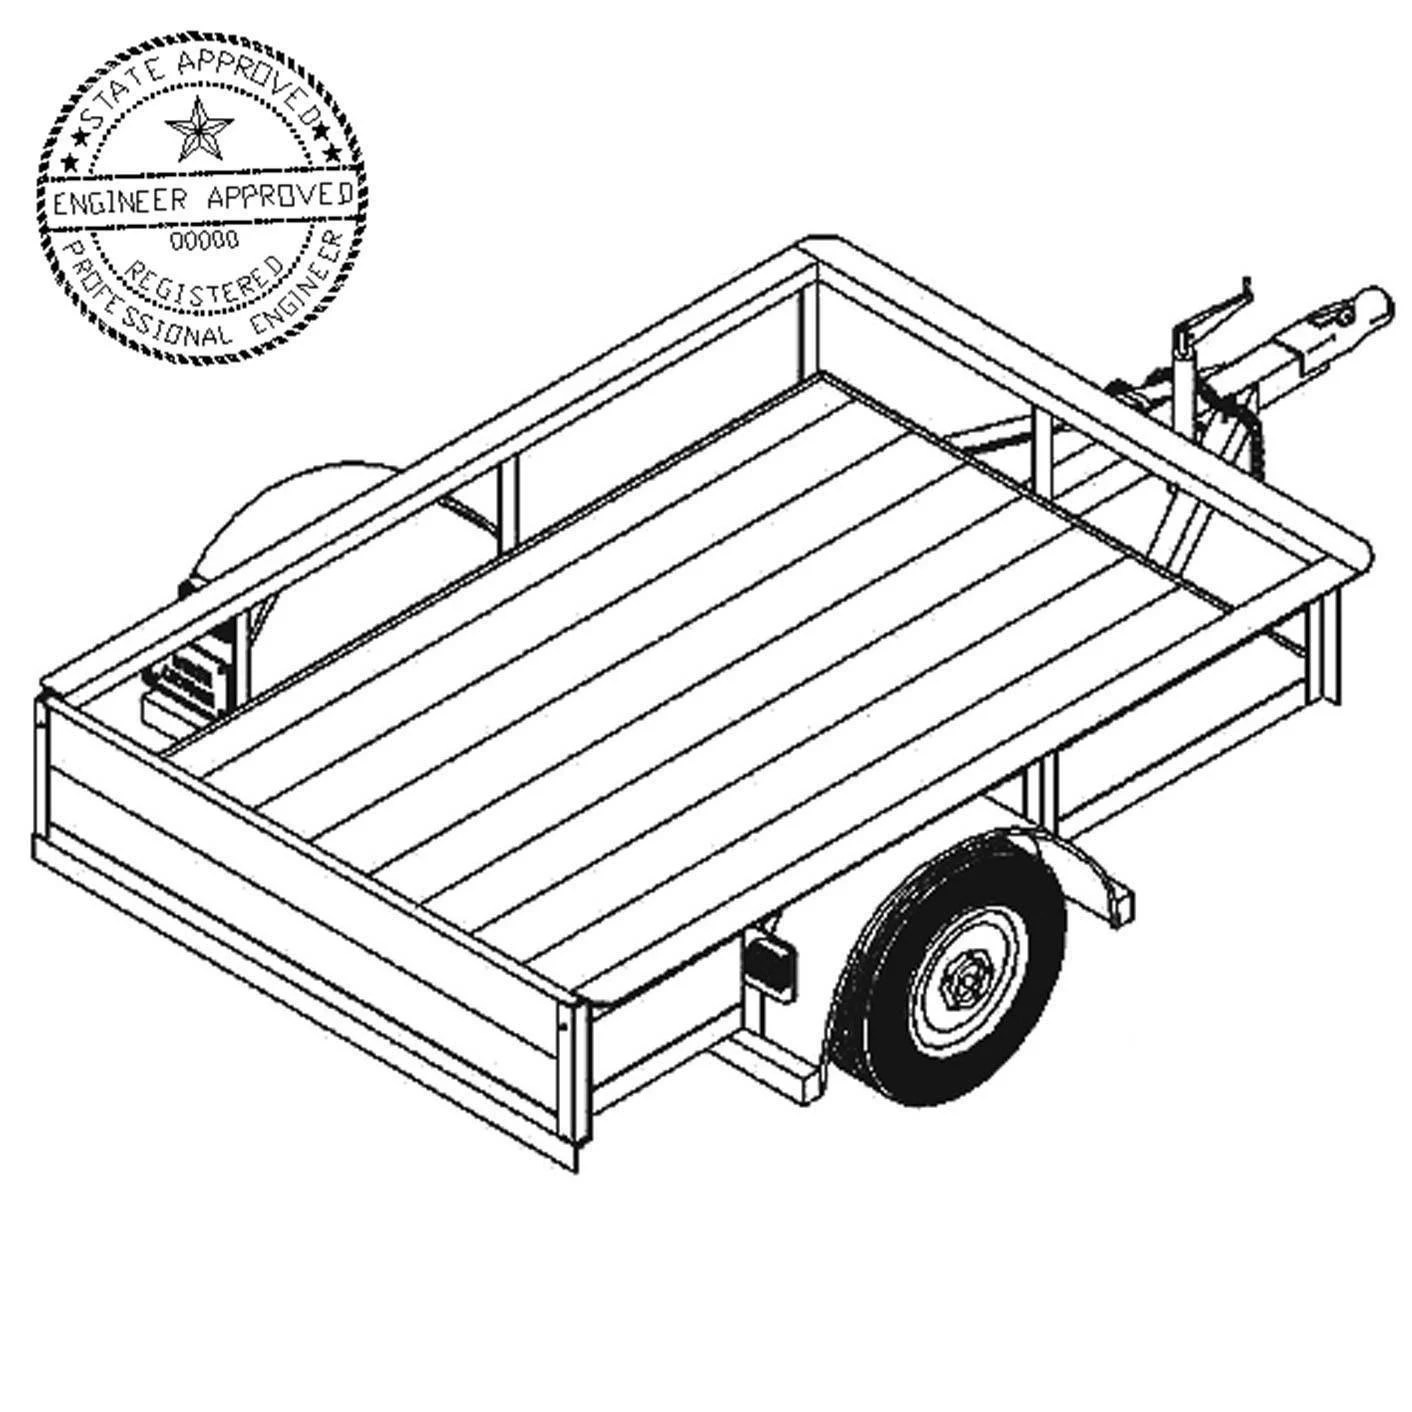 42 x 6 Utility Trailer Plans Blueprints 2000 lb Capacity